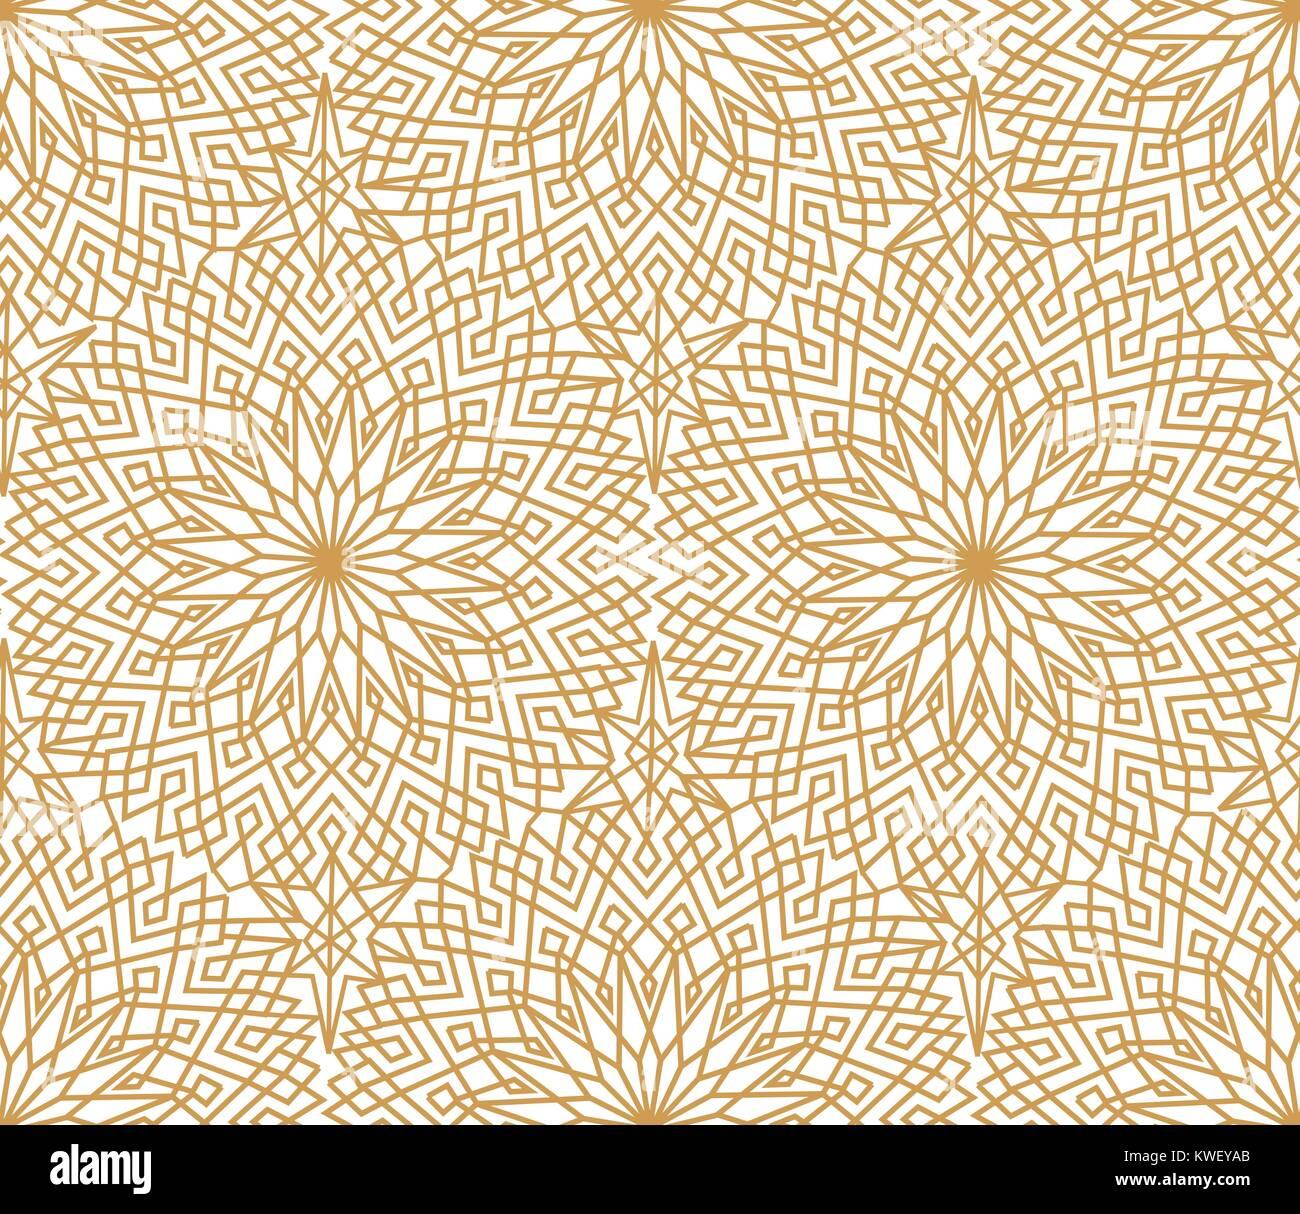 abstrakt floral-orientalische nahtlose muster. arabische fliesen